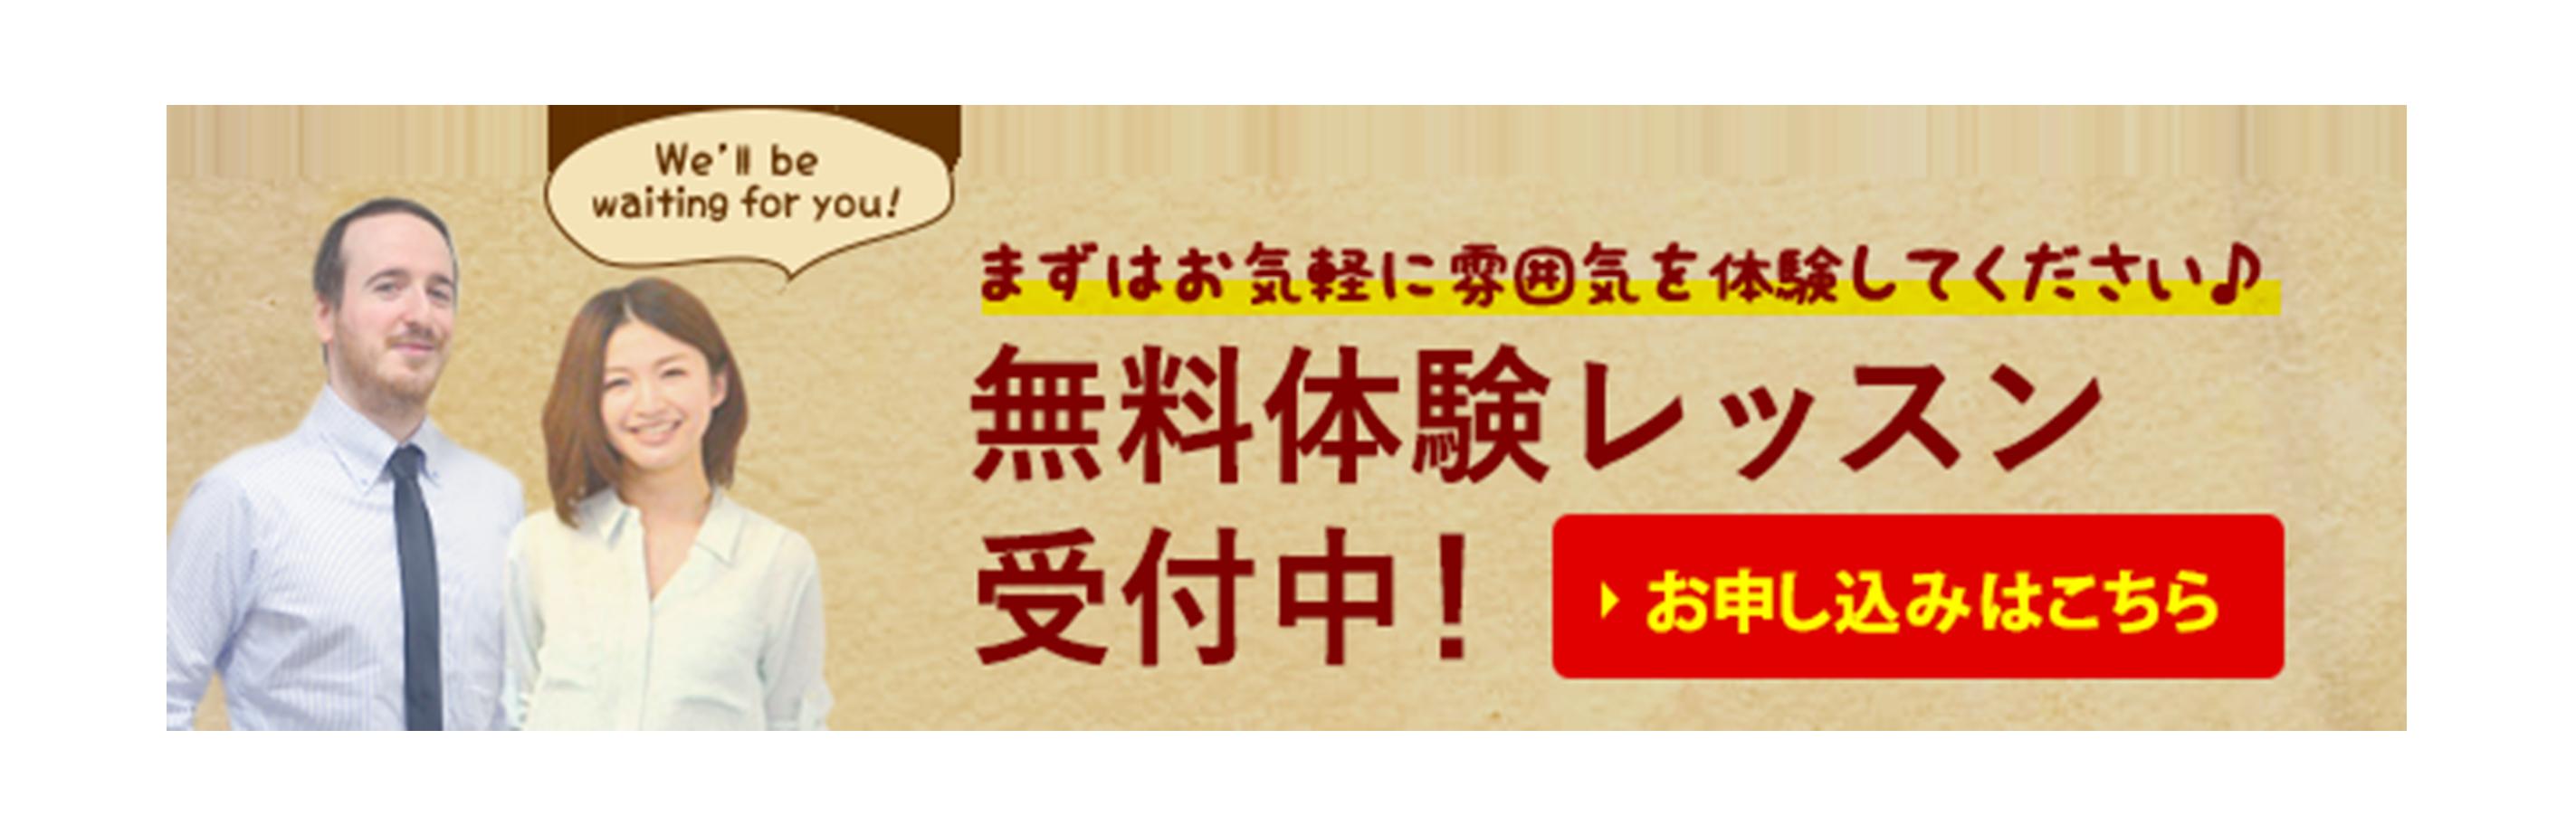 まずは気軽に体験してみてください♪無料体験レッスンのお申し込みはこちら!名古屋の英会話教室「えいごシャワー」